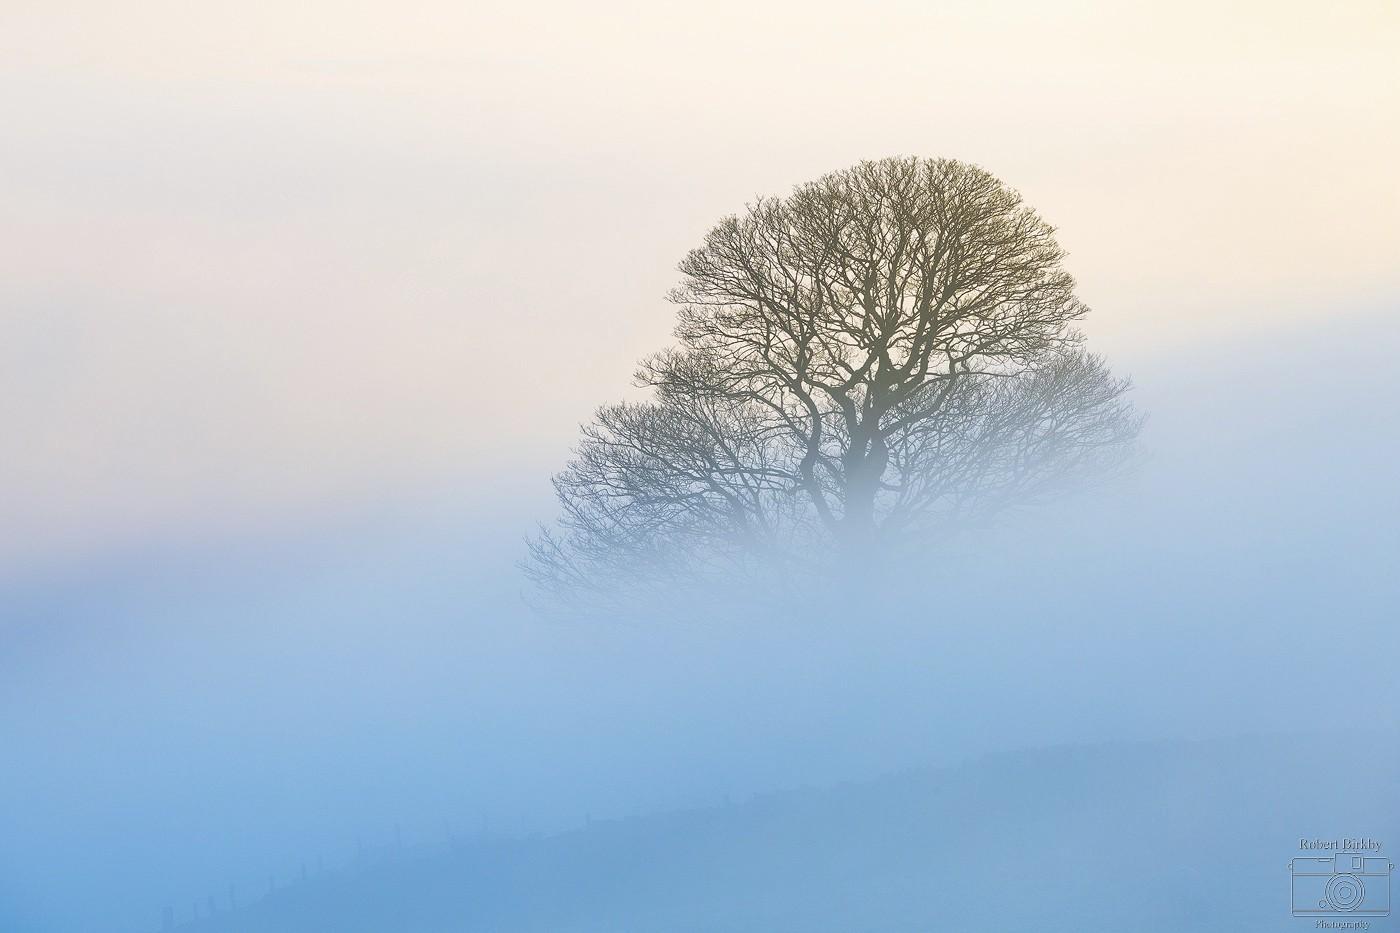 Cool Mist - Calderdale Landscapes